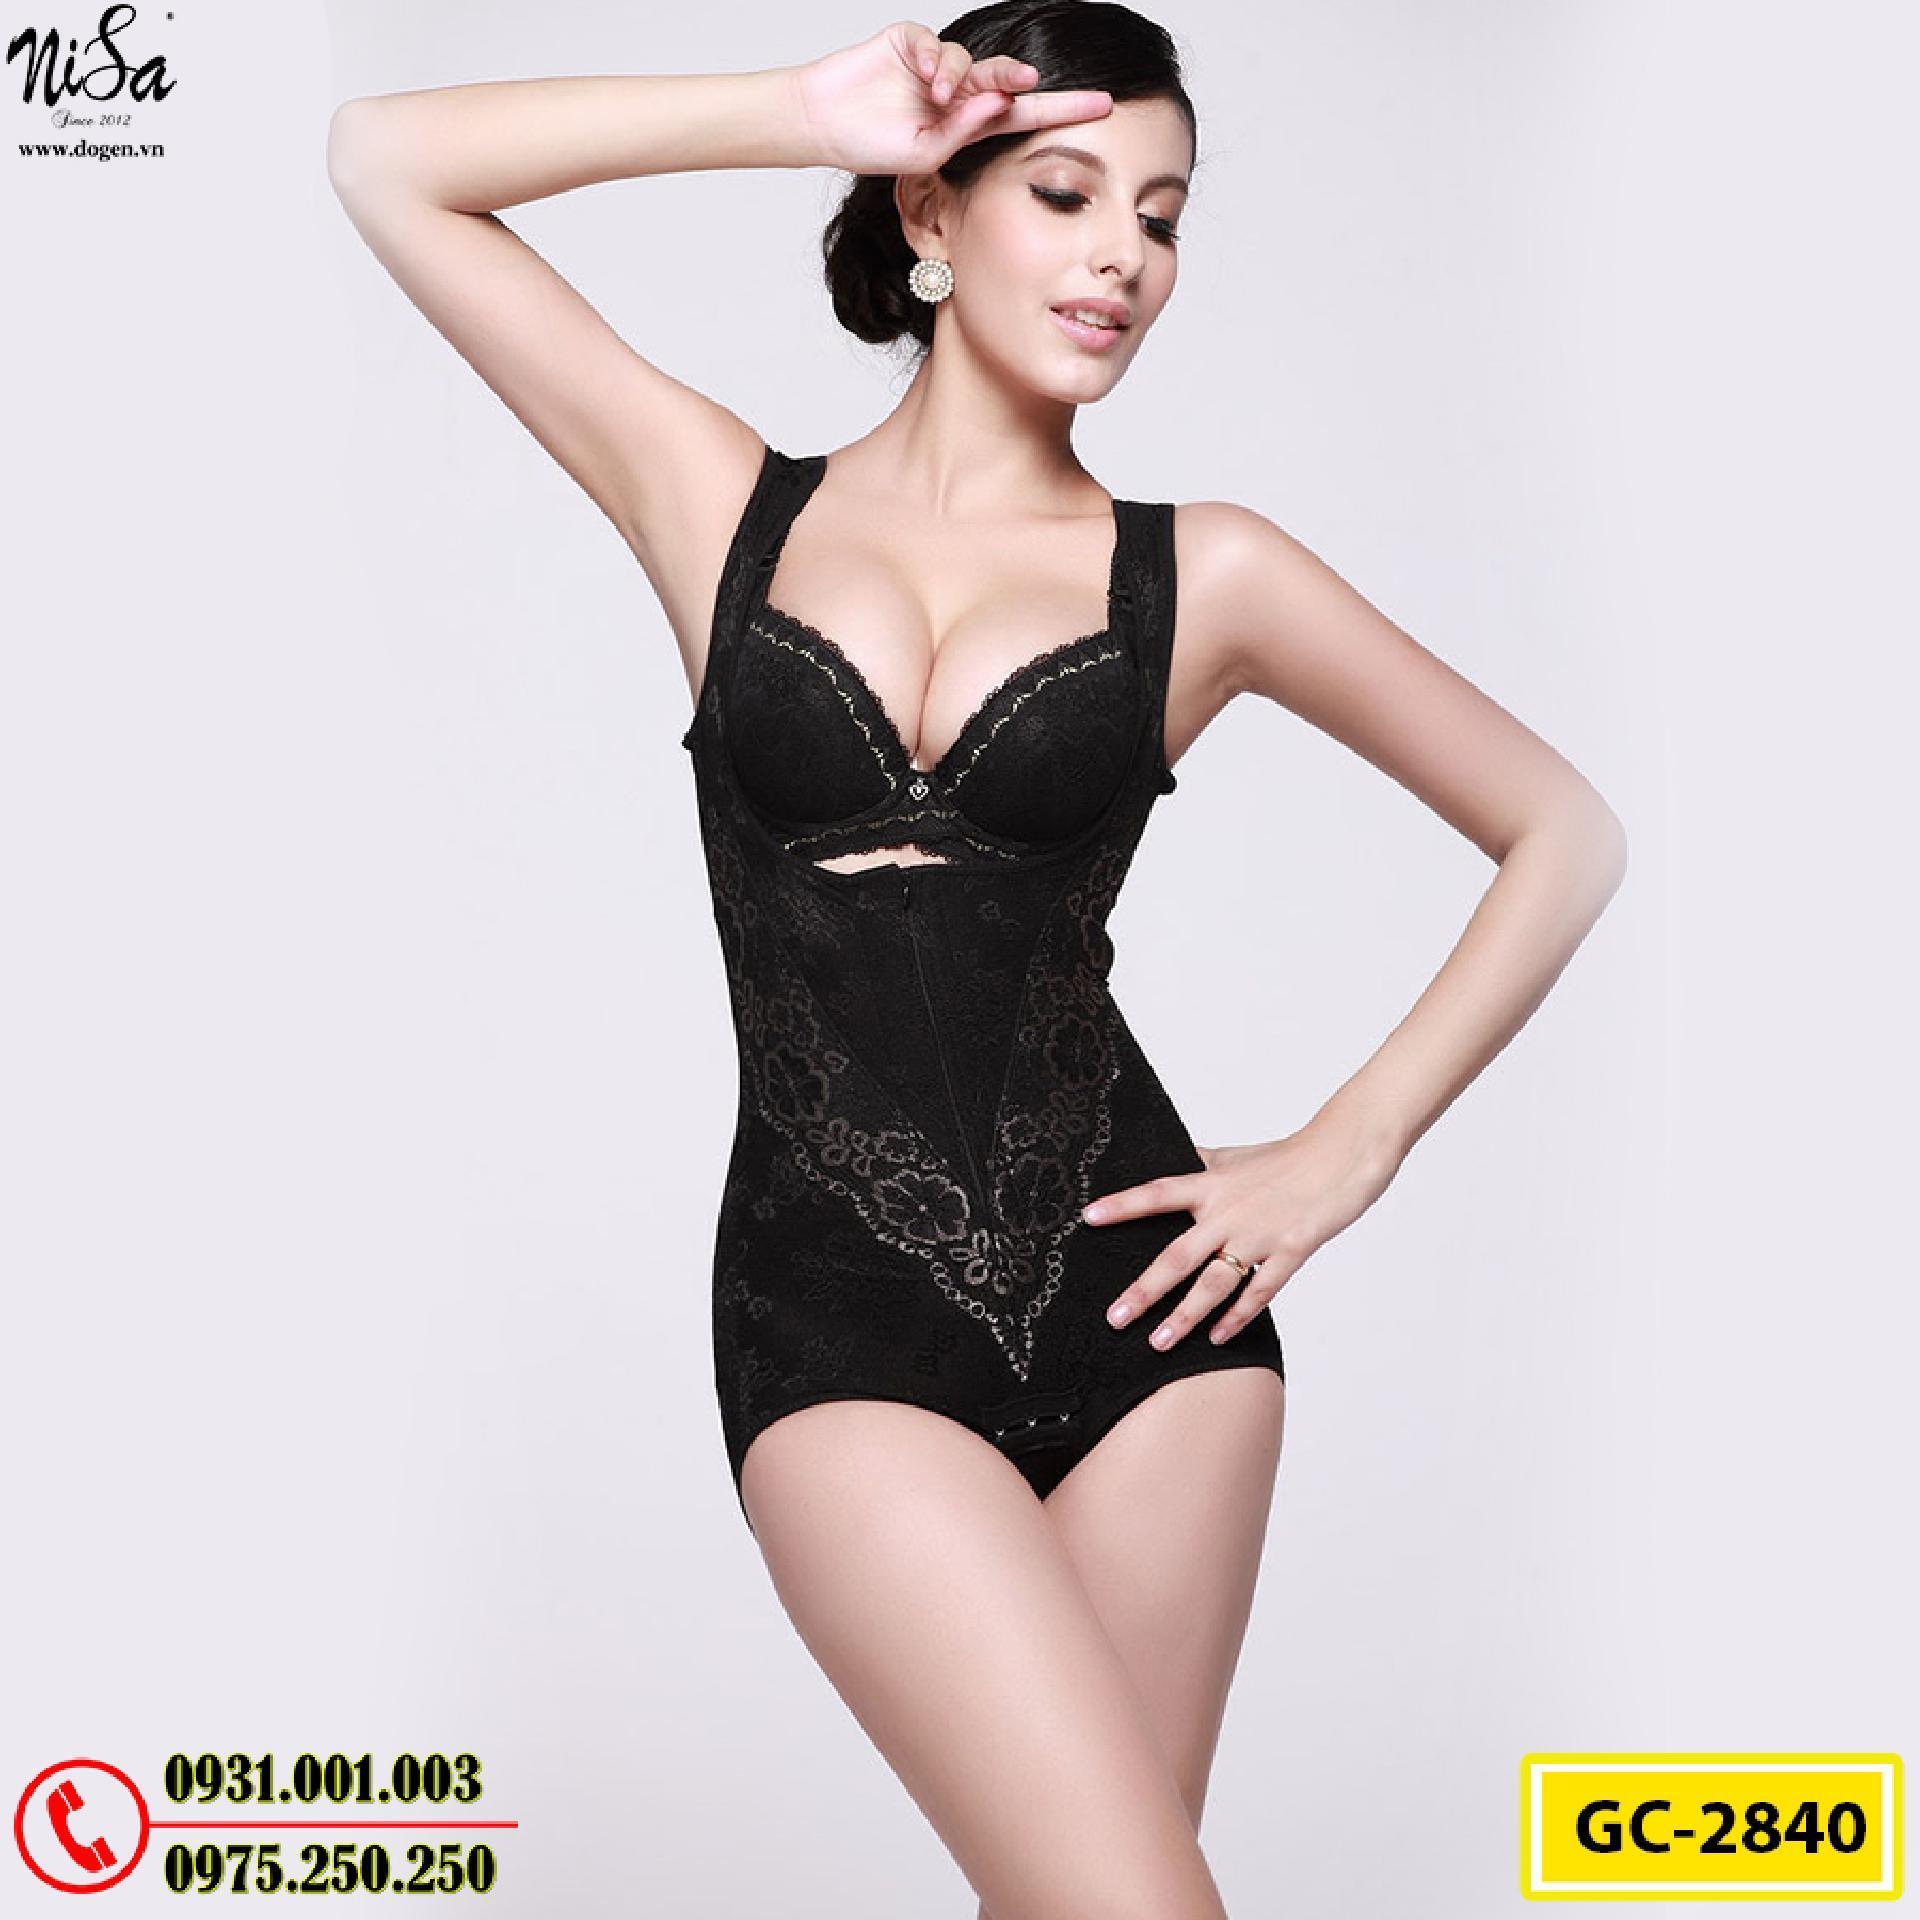 Đồ Lót Định Hình - Quần Áo Gen Định Hình Bikini Liền Thân Cao Cấp (Cod: GC-2840)